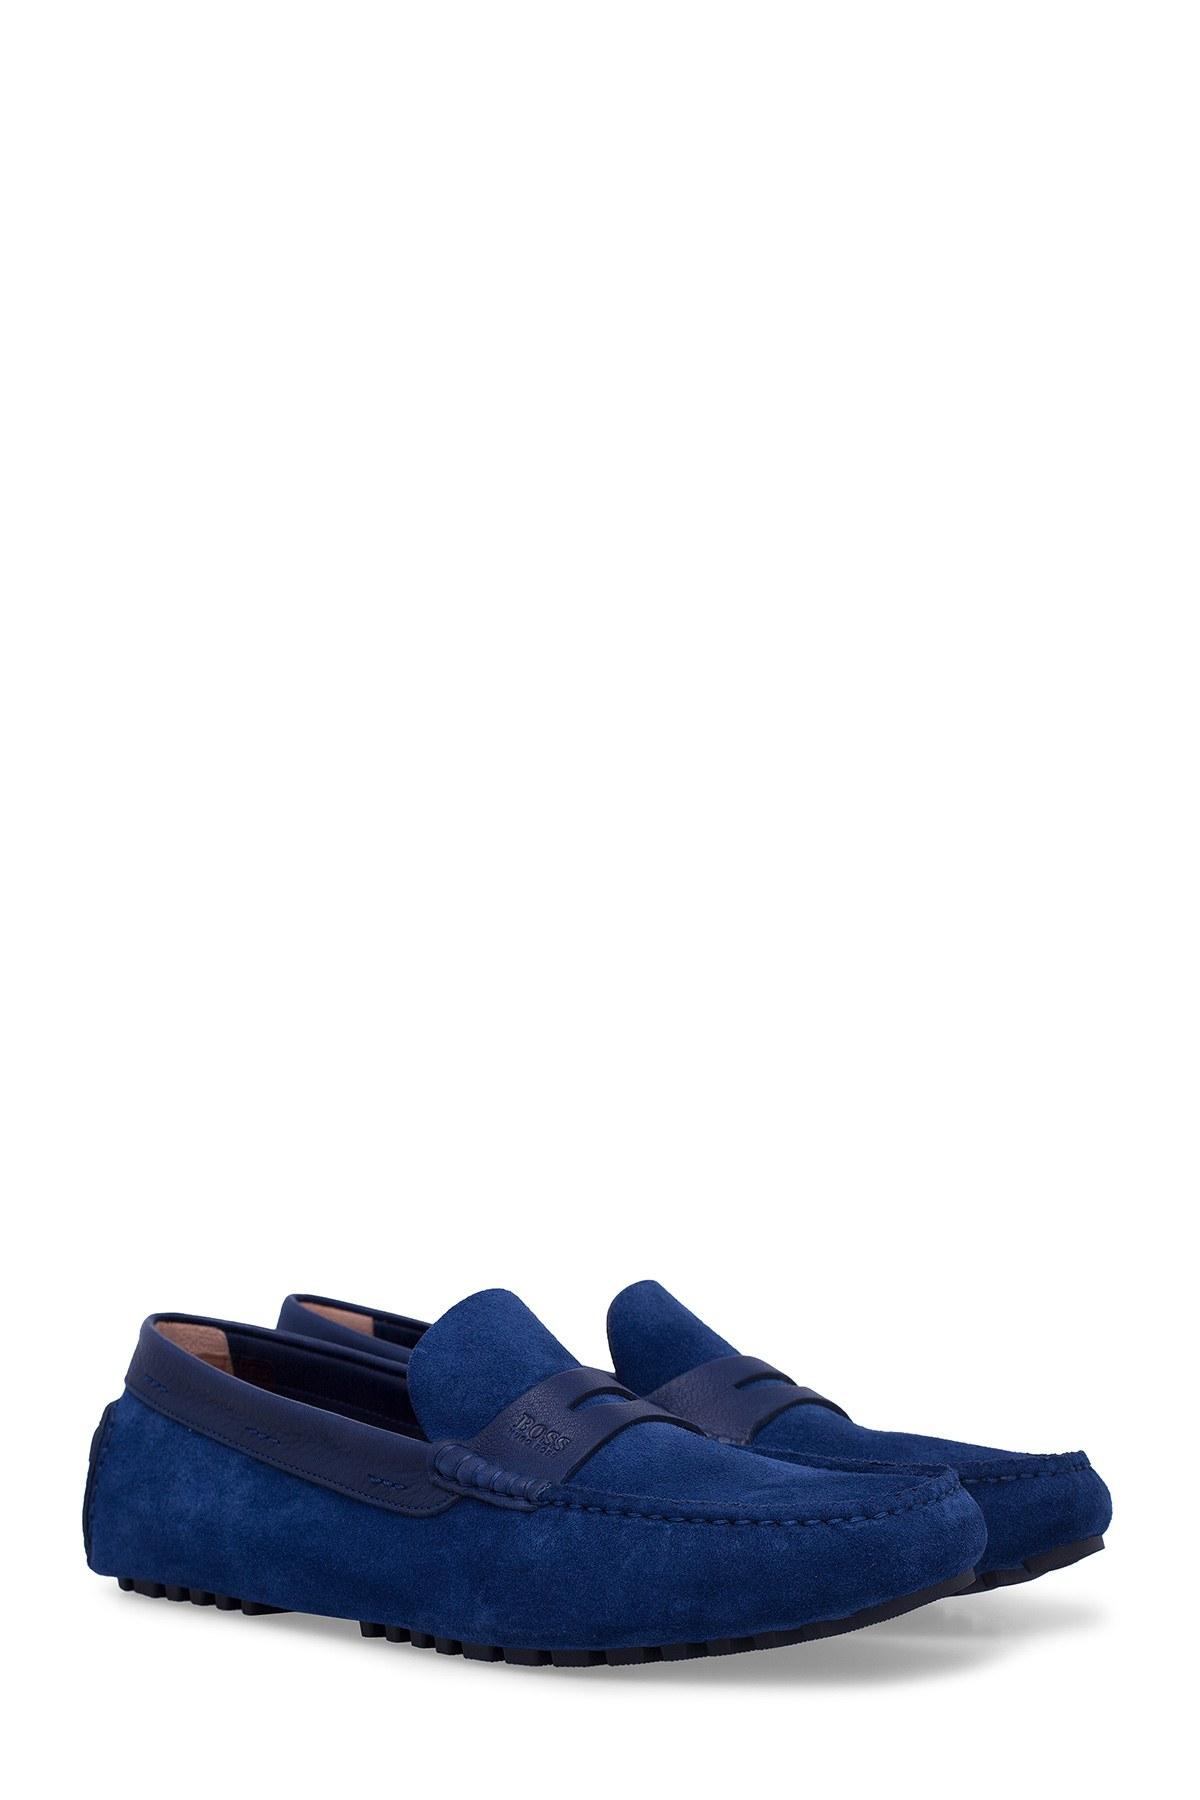 Hugo Boss Erkek Ayakkabı 50429920 410 LACİVERT